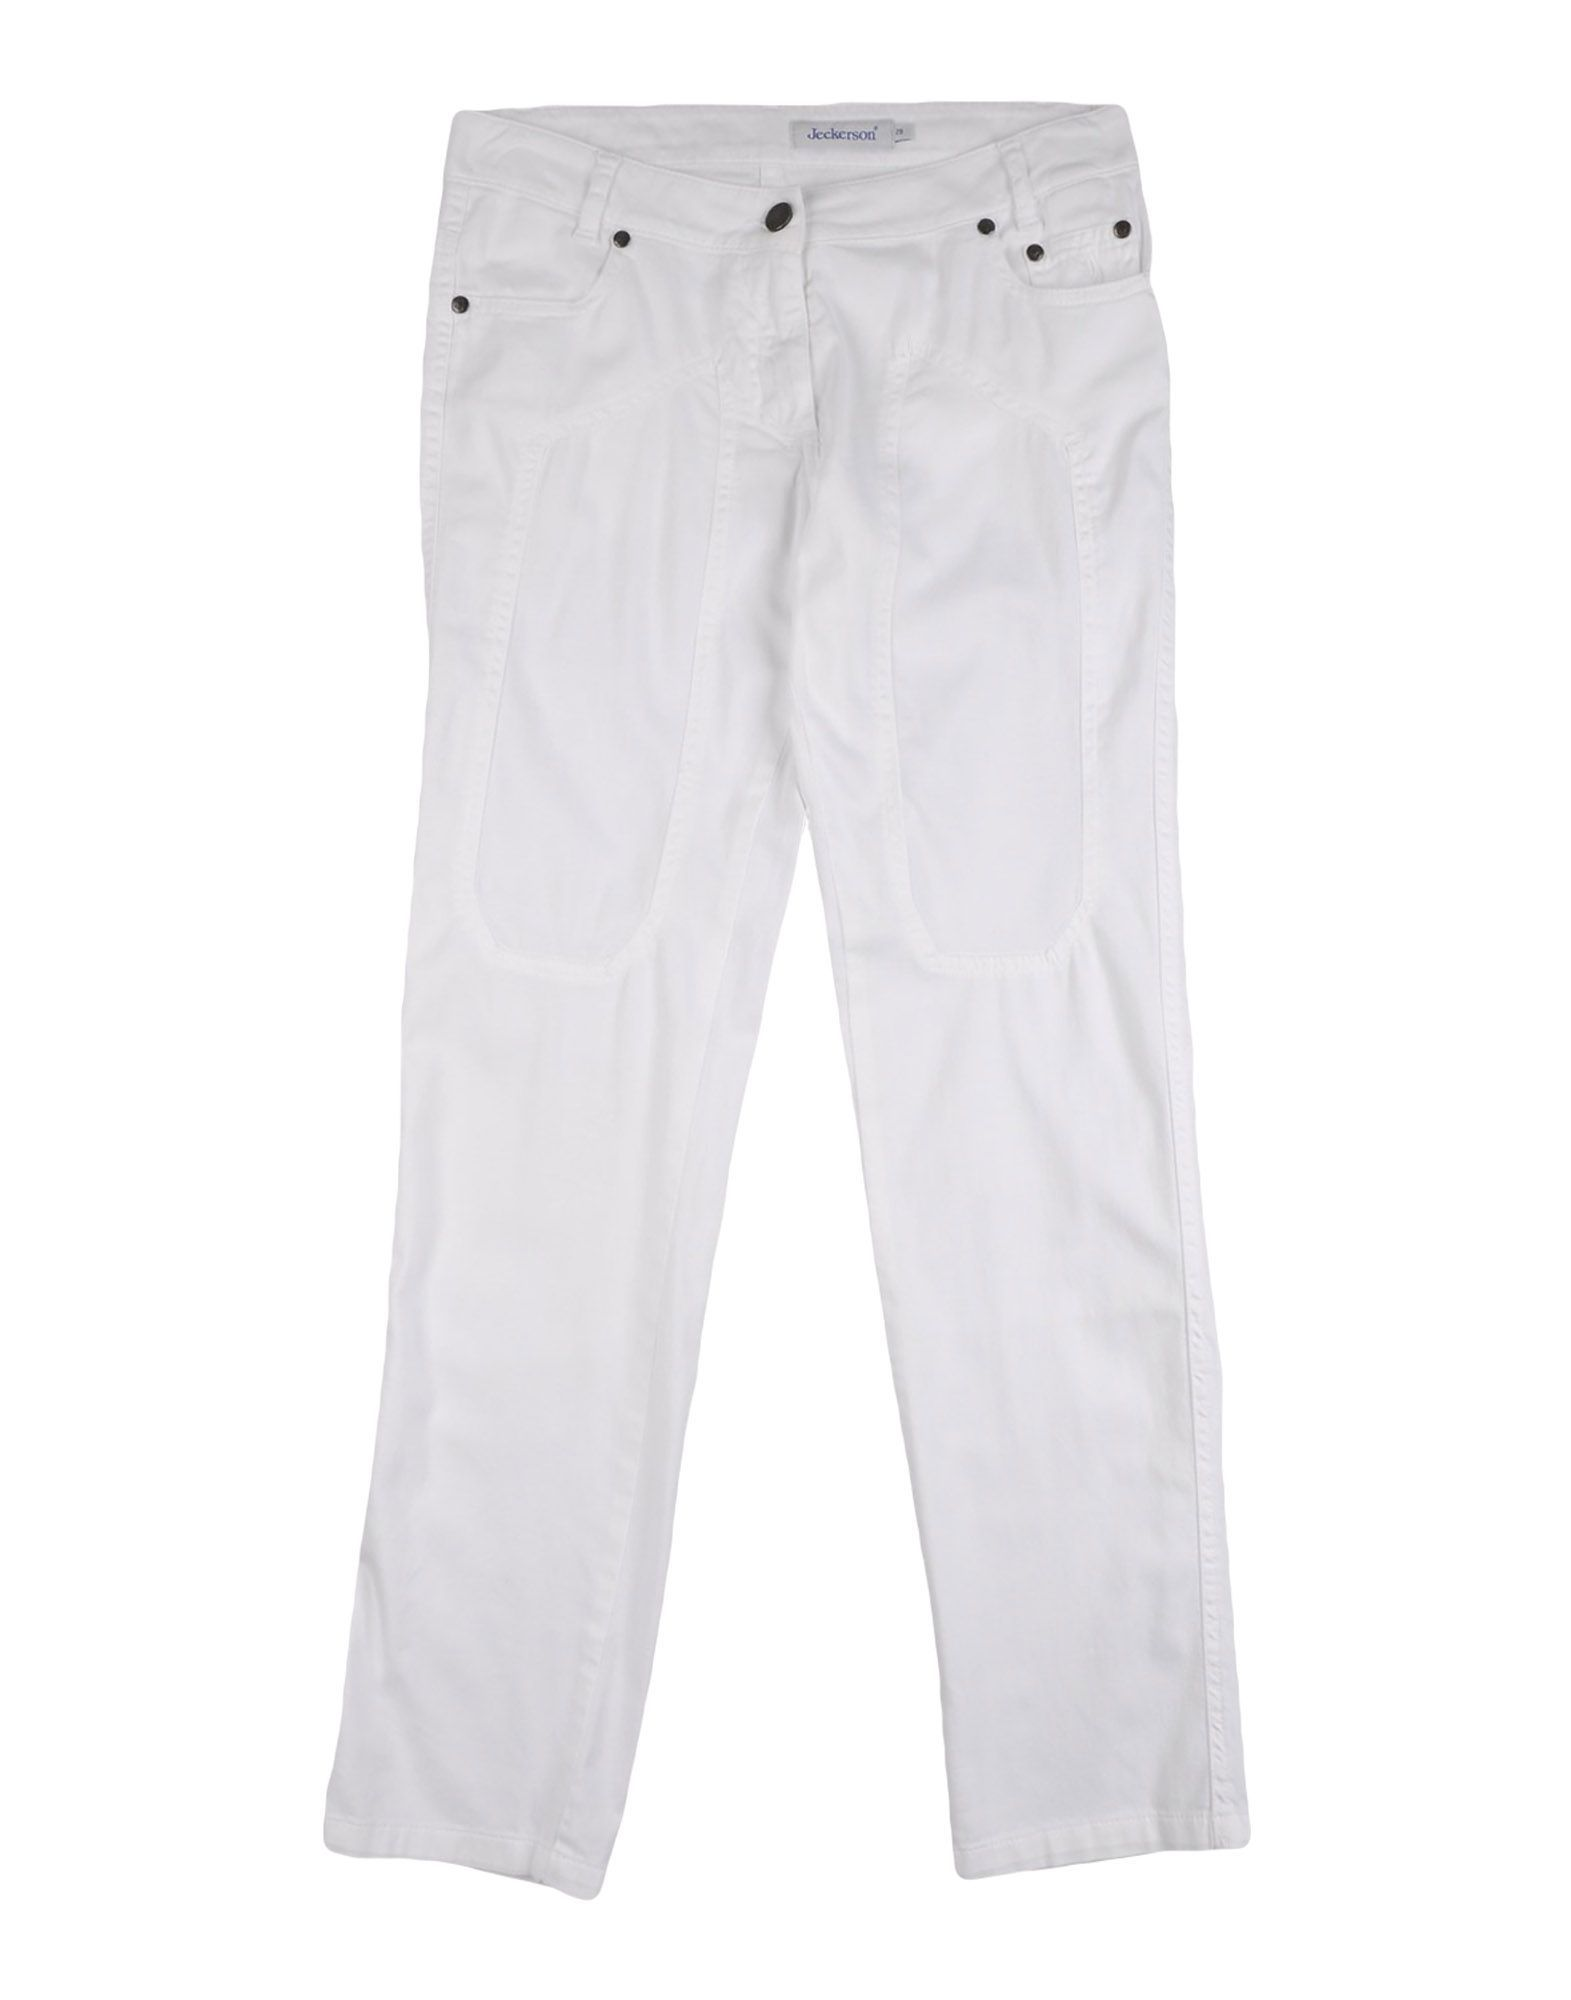 PANTS Jeckerson White Girl Cotton